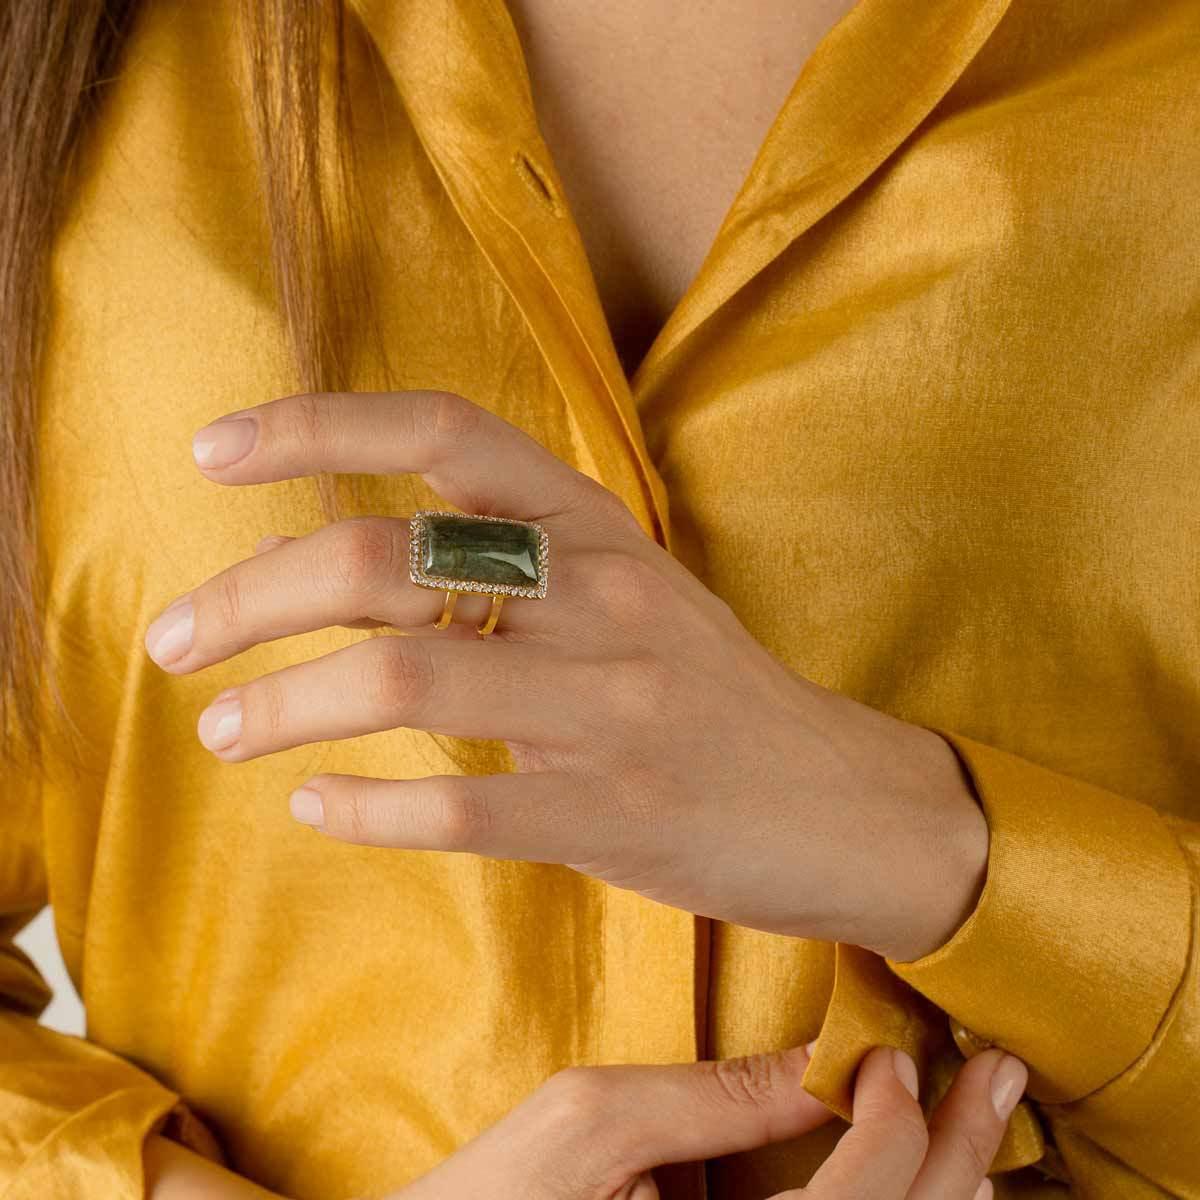 انگشتر طلا دو رینگ هرا